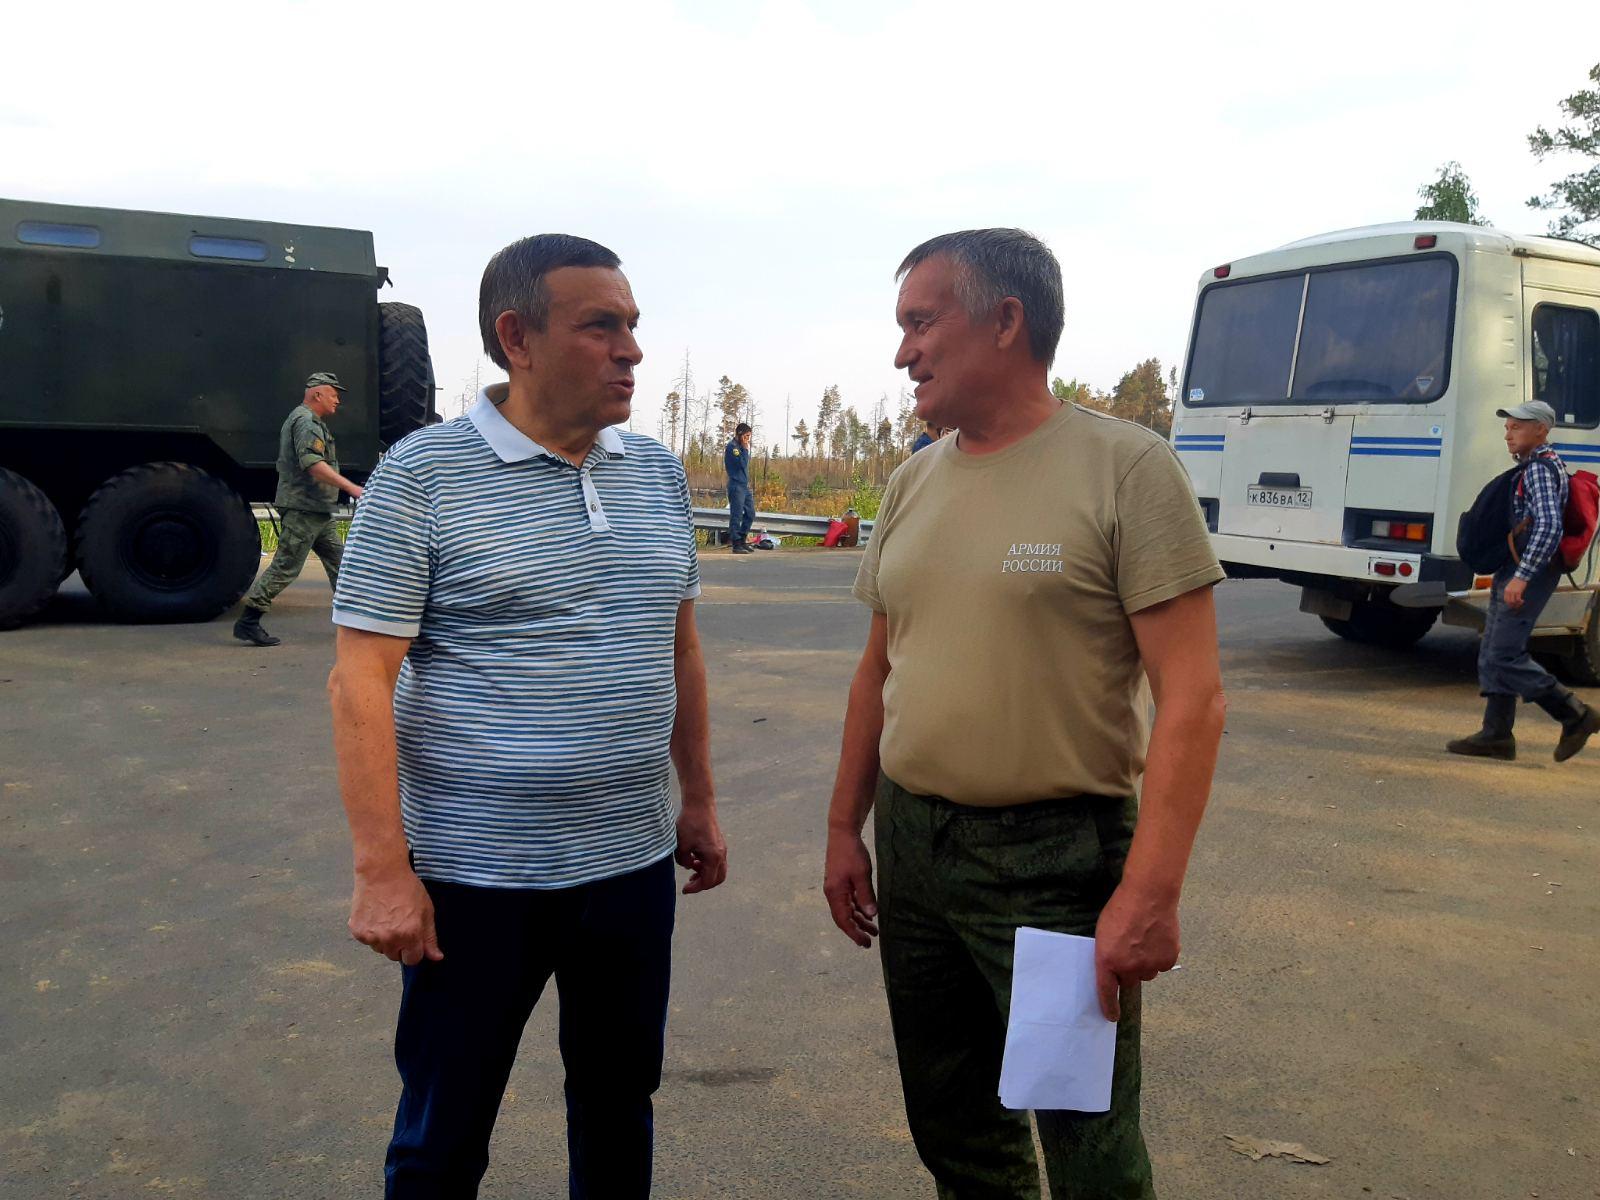 Глава Марий Эл встретился с добровольцами, которые отправились на тушение лесного пожара